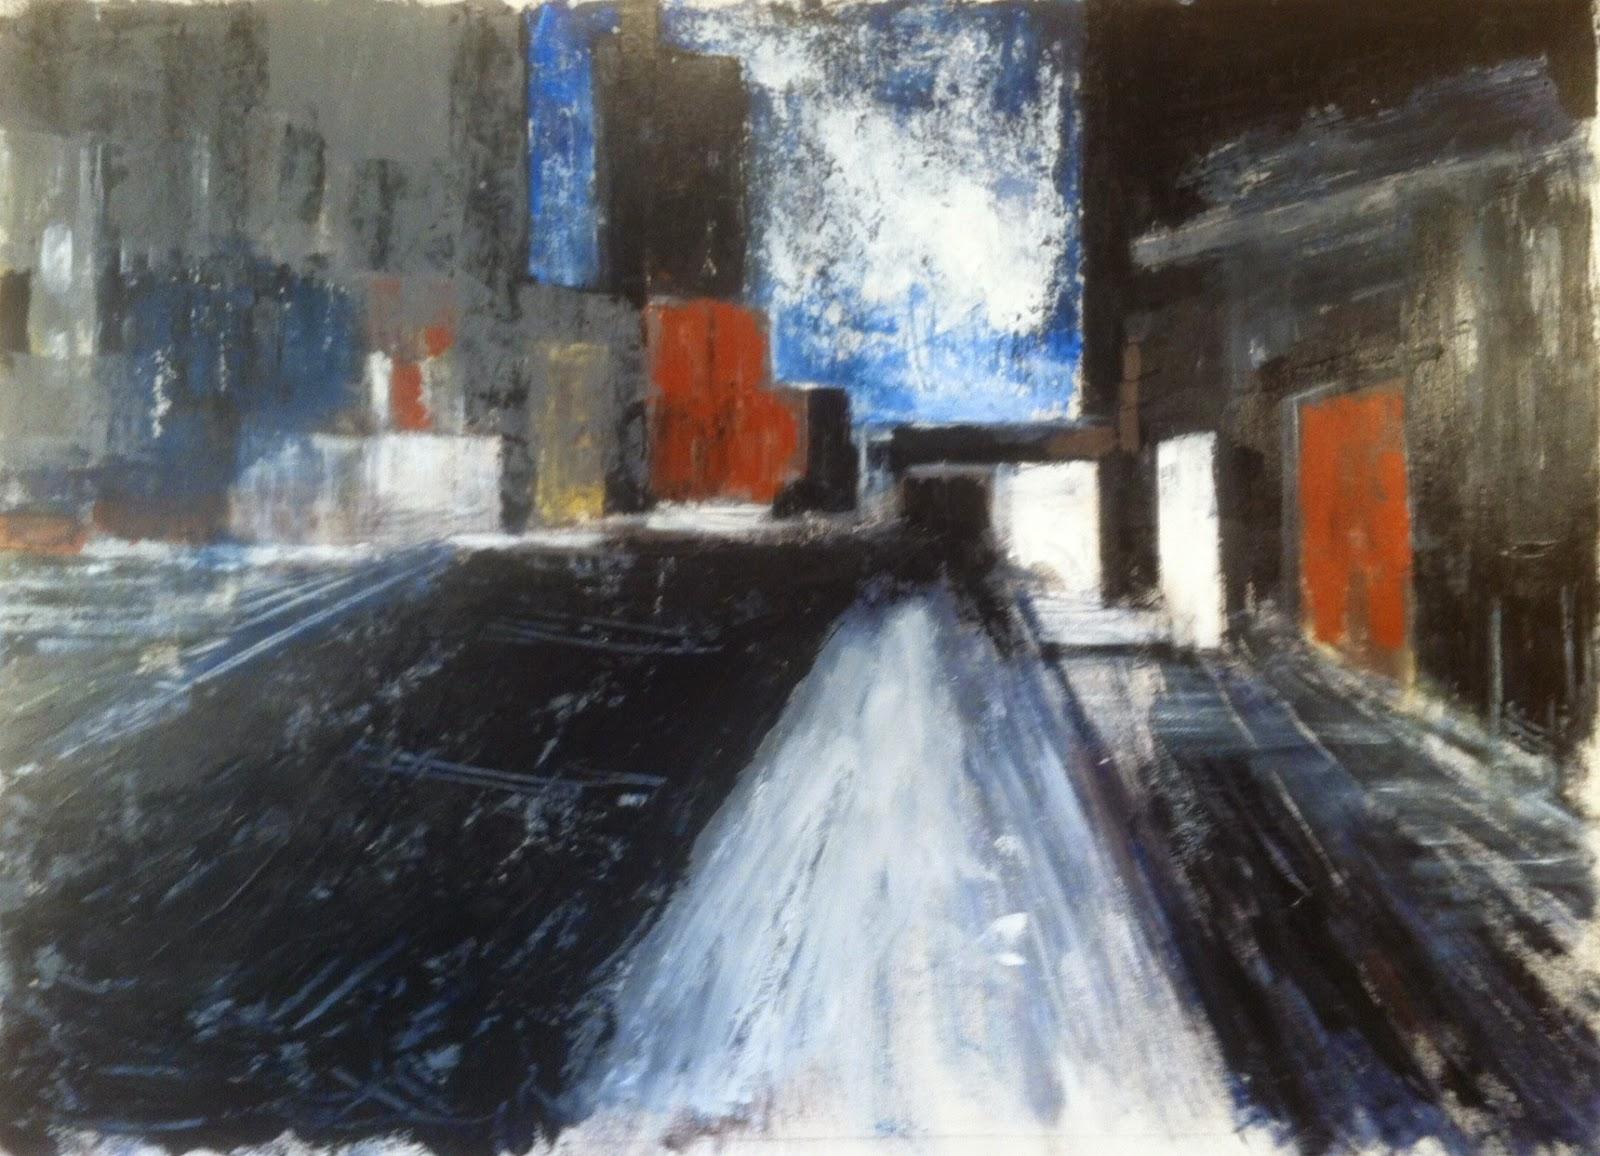 N°1564 - Town - Acrylique sur toile - 98 x 140 cm - 18 septembre 2014